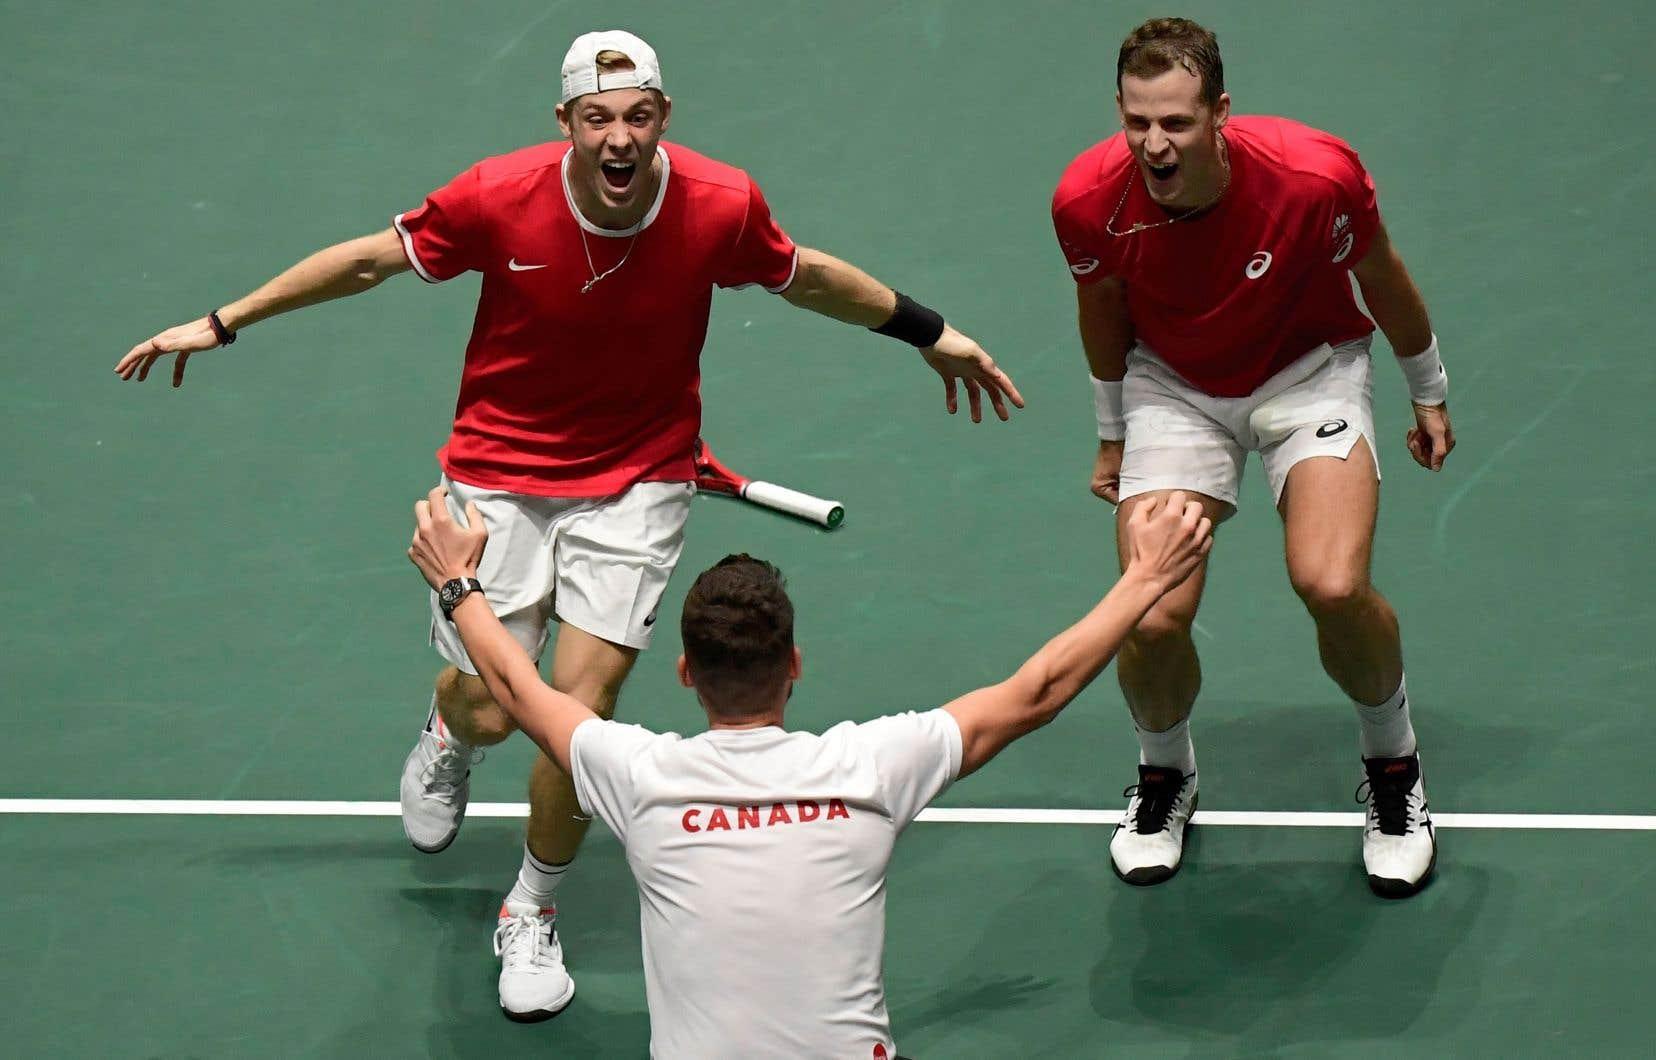 Denis Shapovalov et Vasek Pospisil célèbrent la victoire canadienne avec le capitaine de l'équipe, Frank Dancevic.